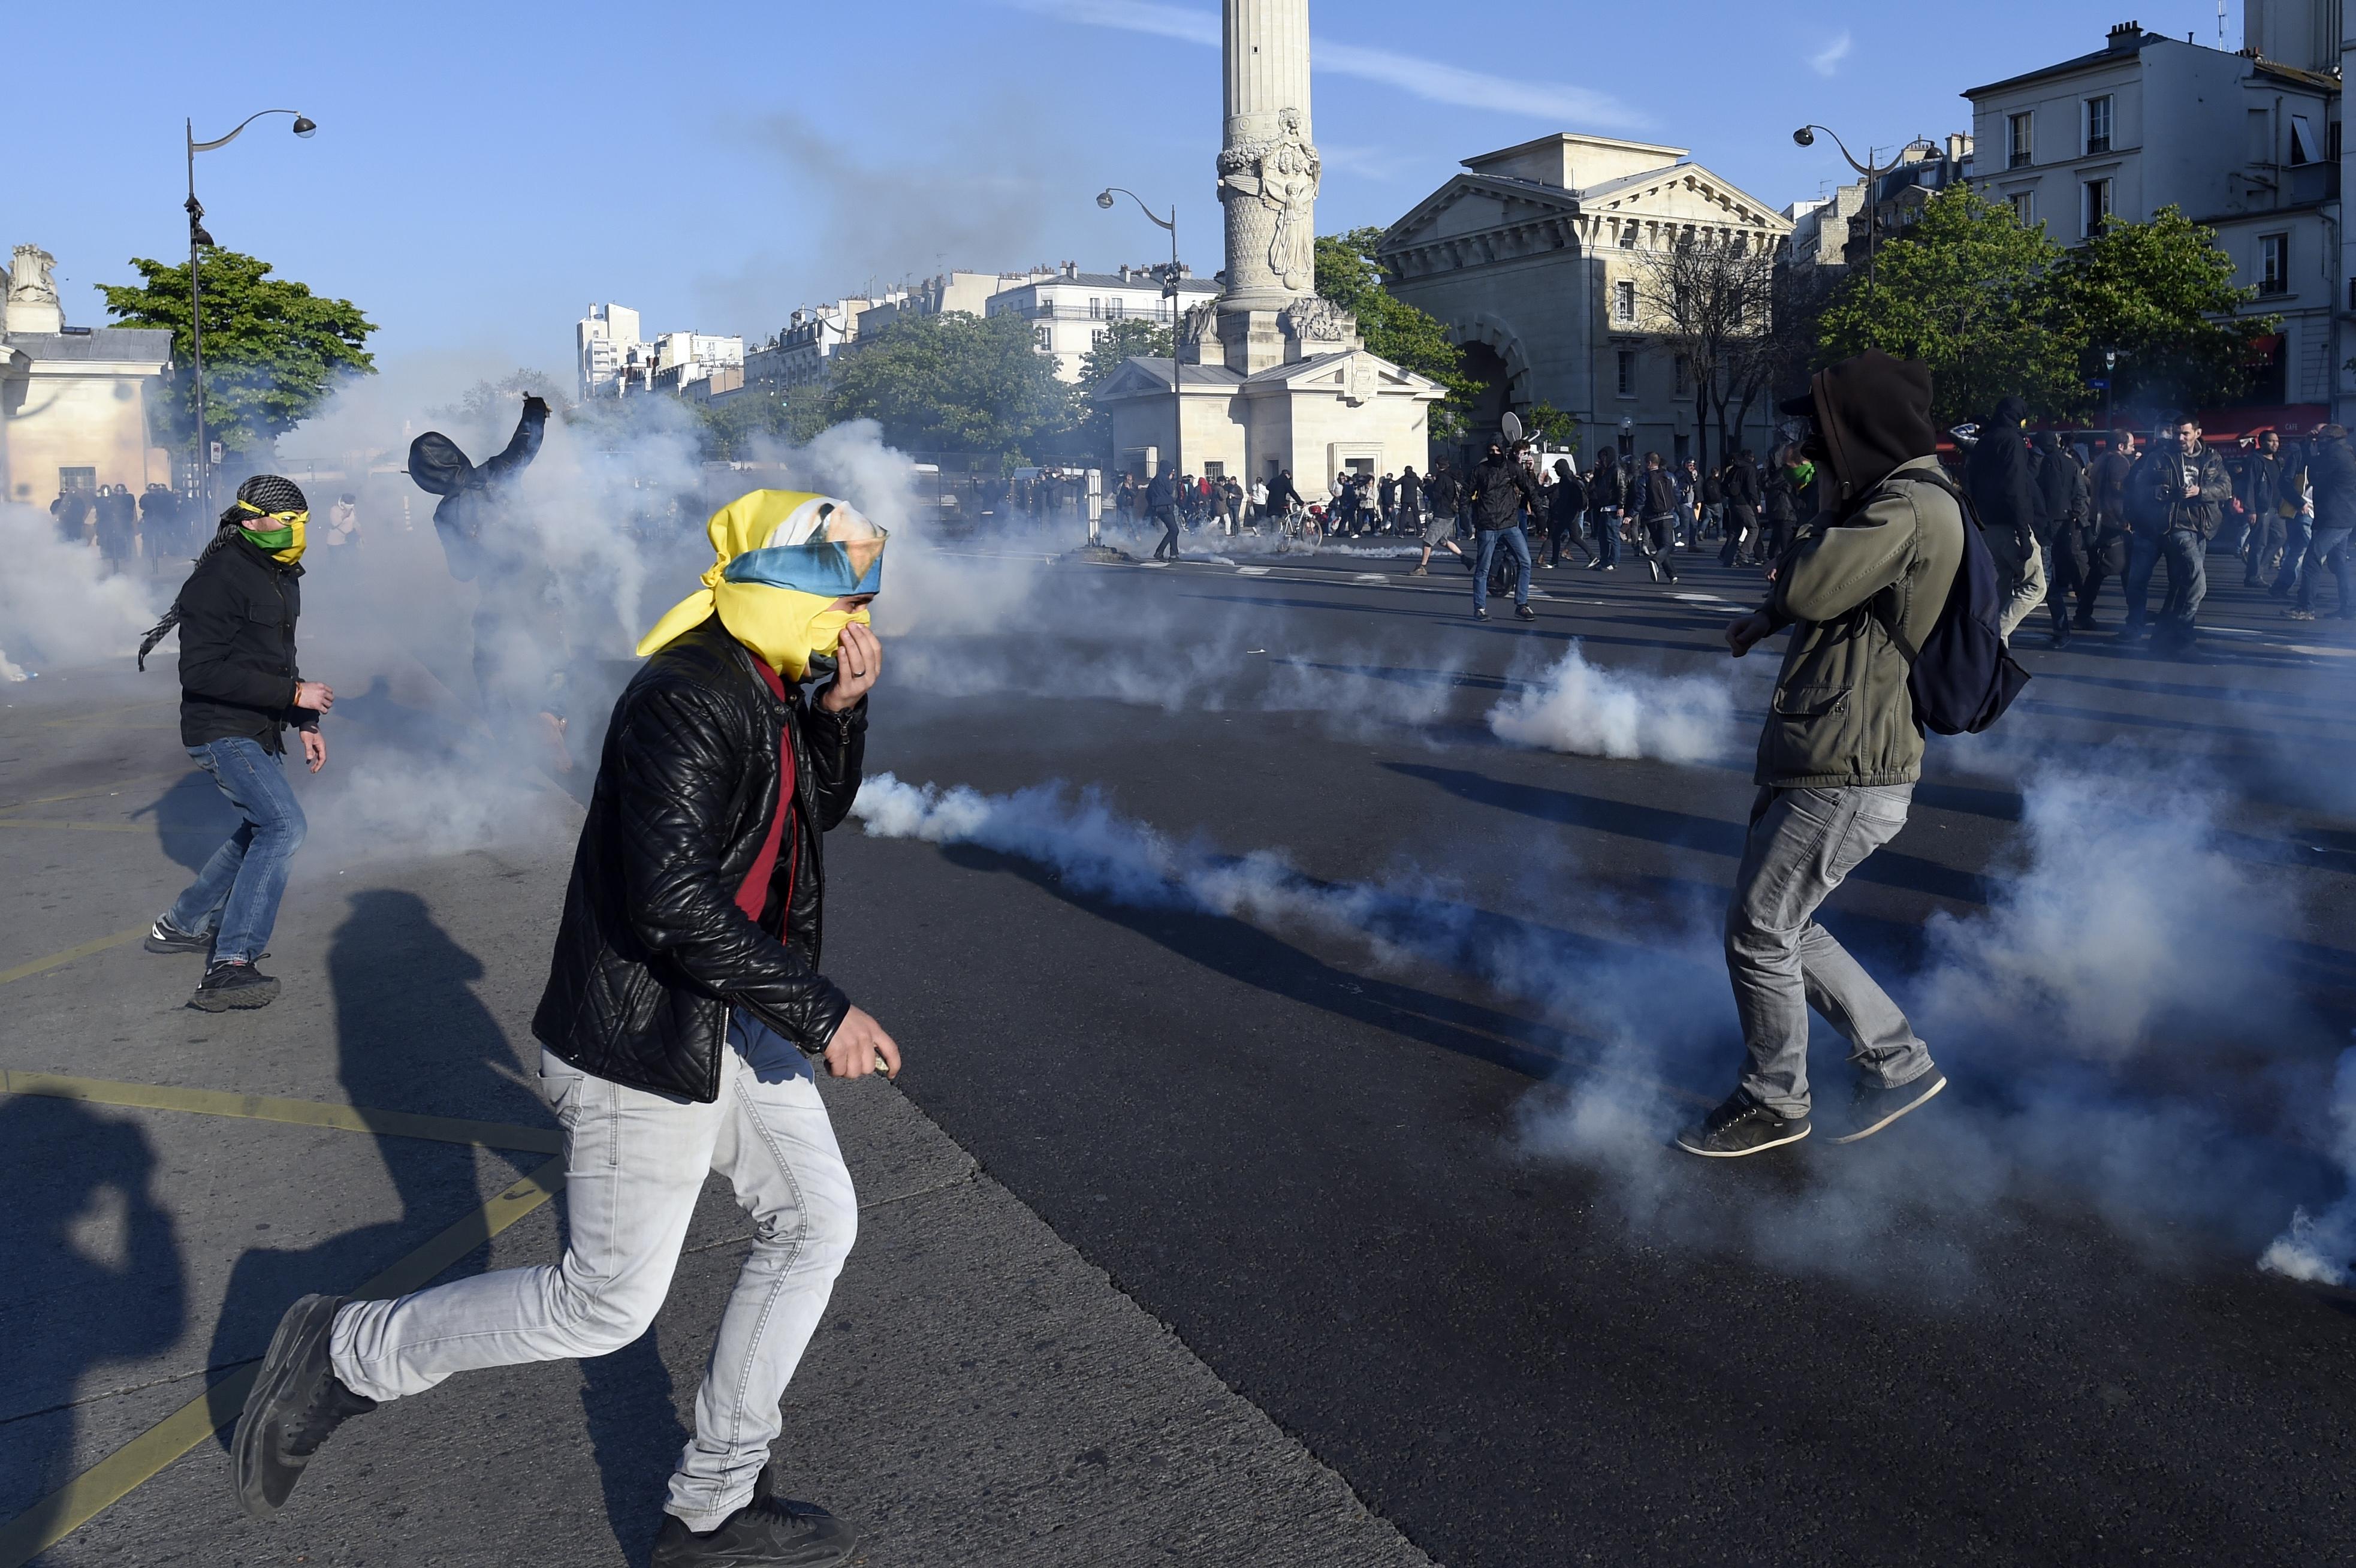 جانب من المواجهات بين محتجين والشرطة في باريس